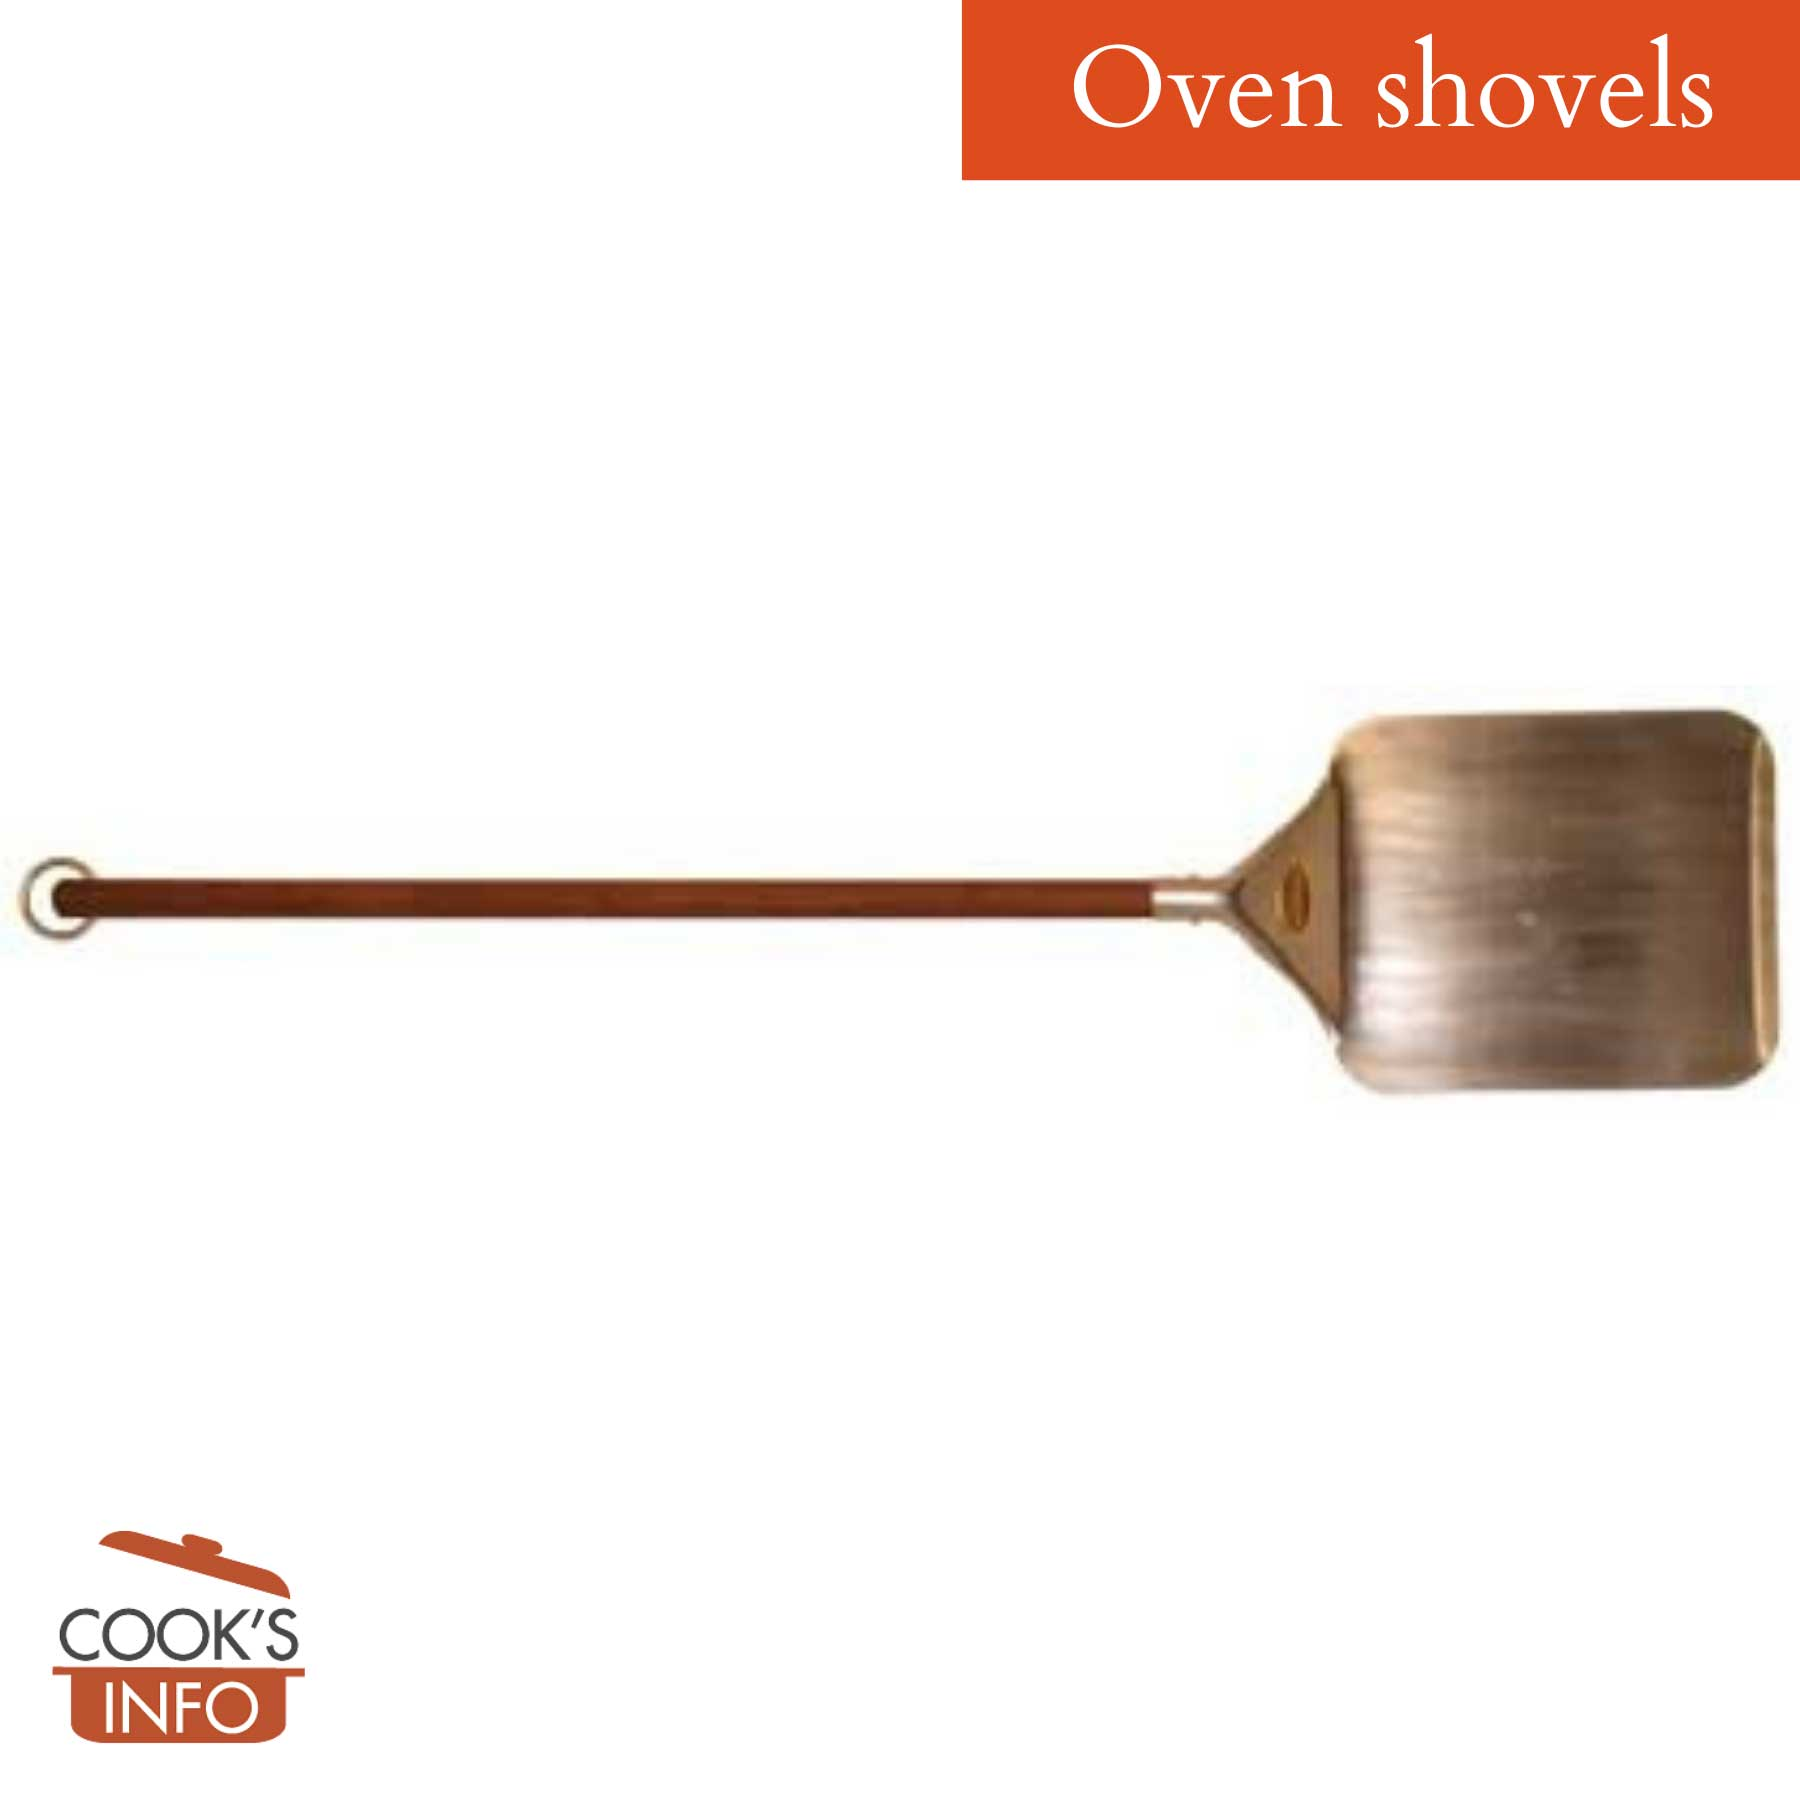 Oven shovel